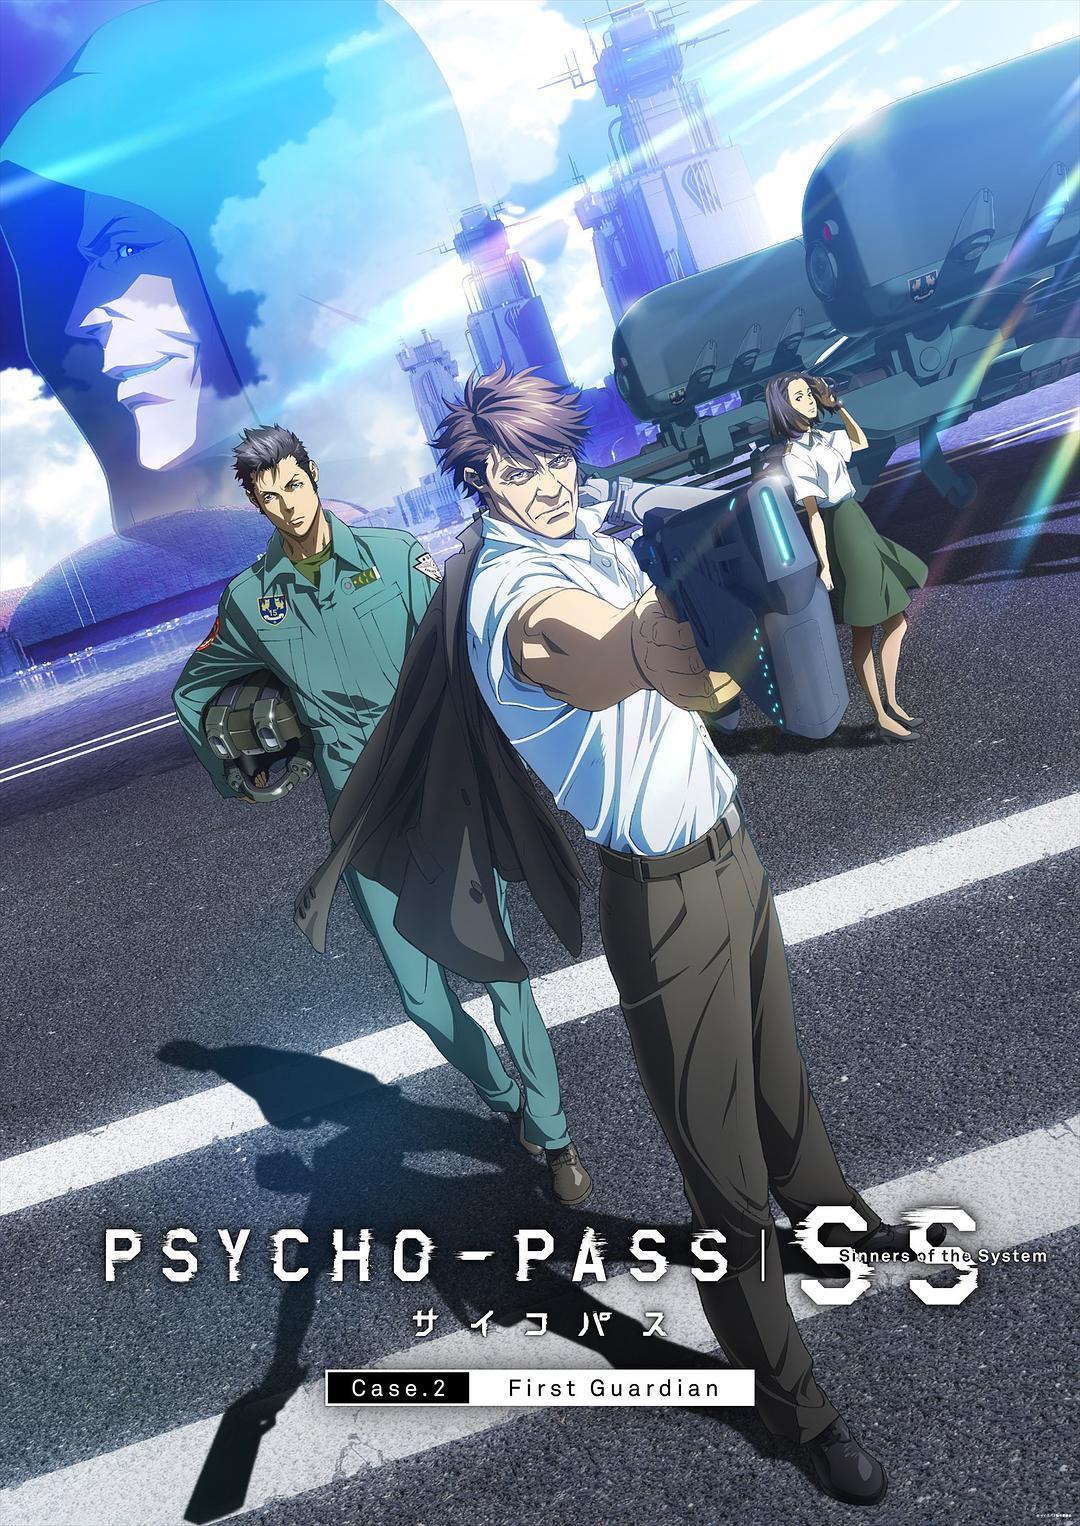 2019 日本《心理測量者SS2:第一衛士》心理測量者SS第二部